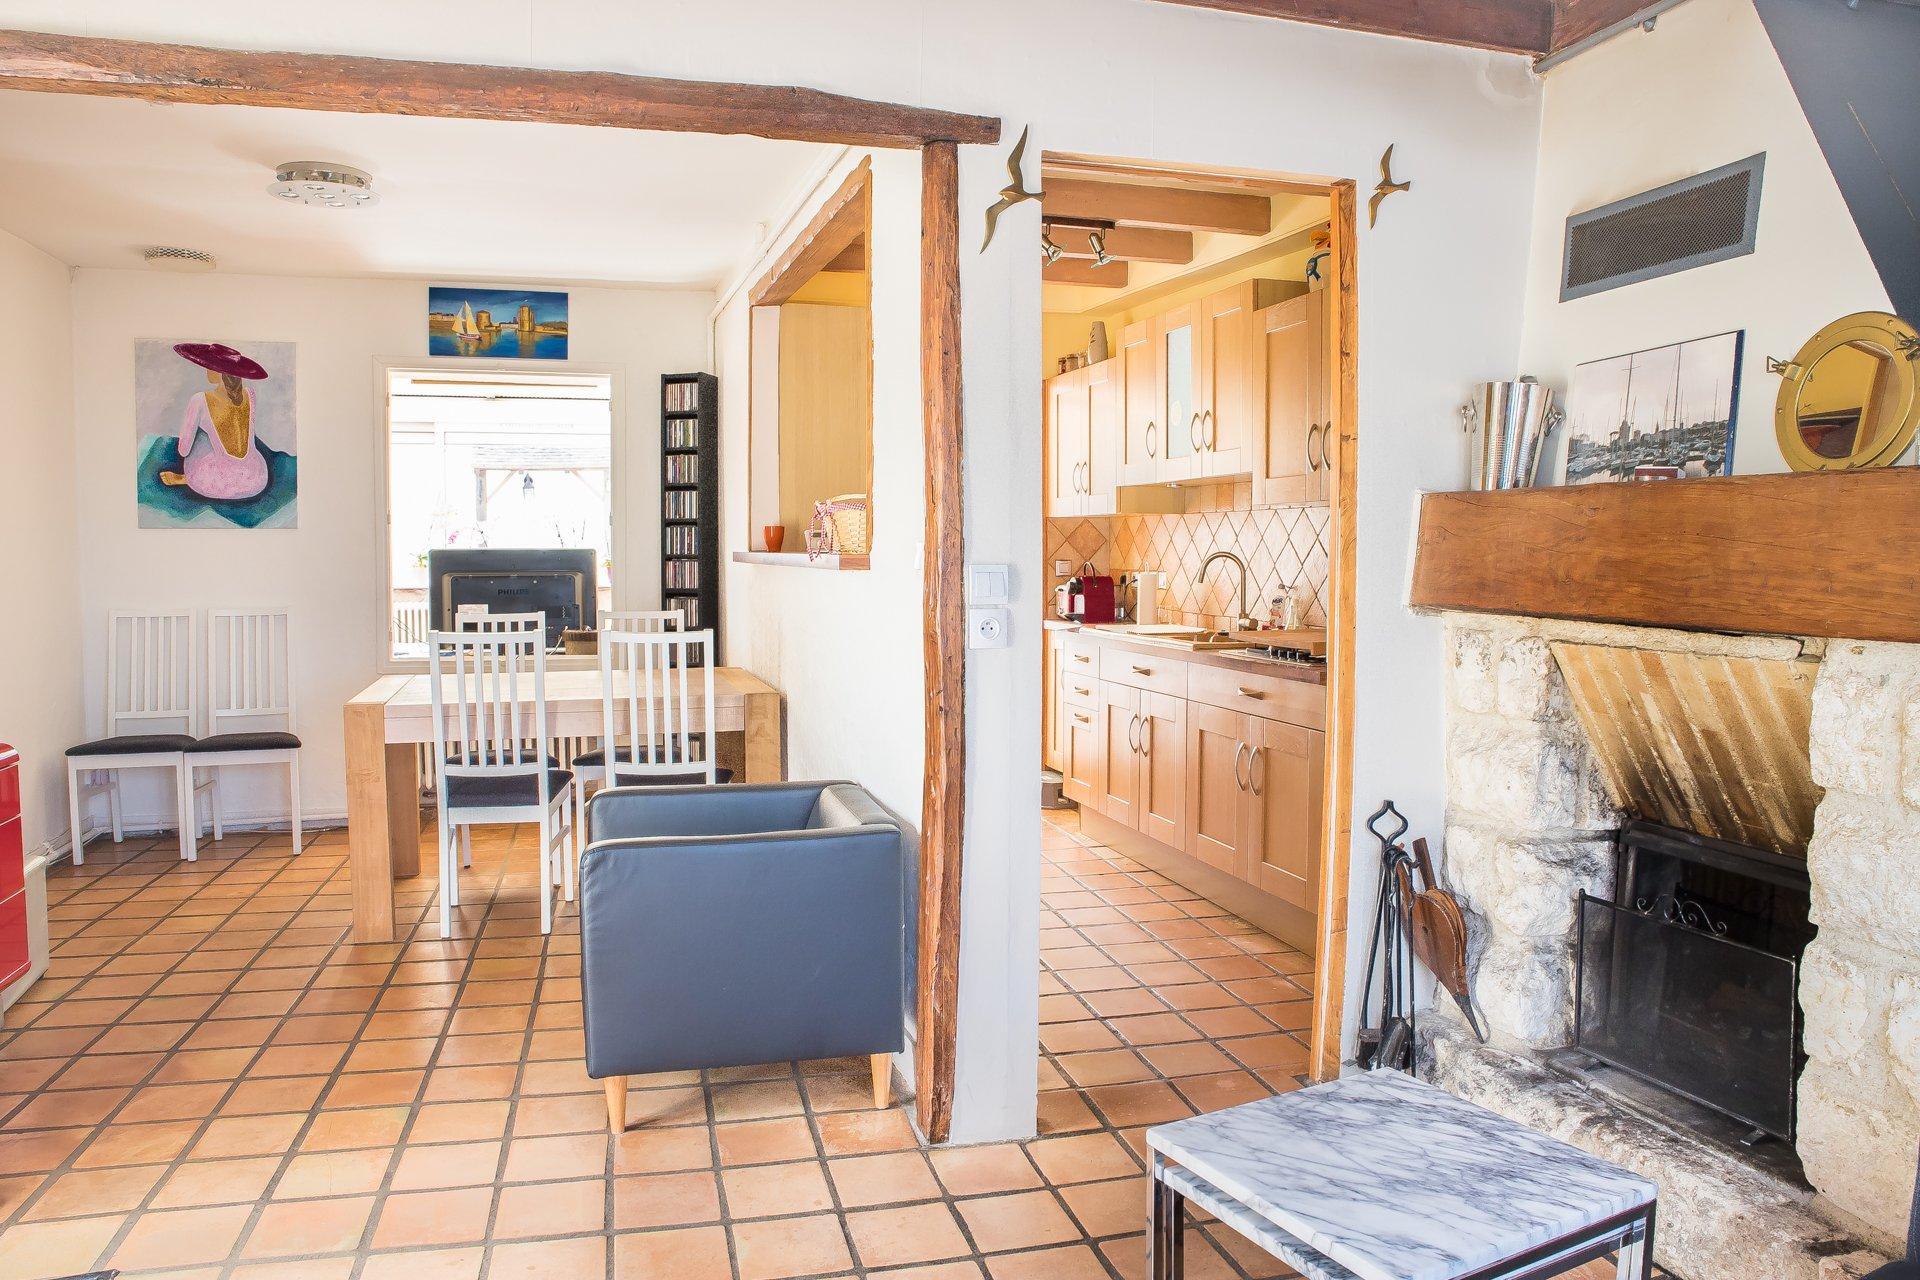 Maison  60m² + studio sur terrain de 400m²